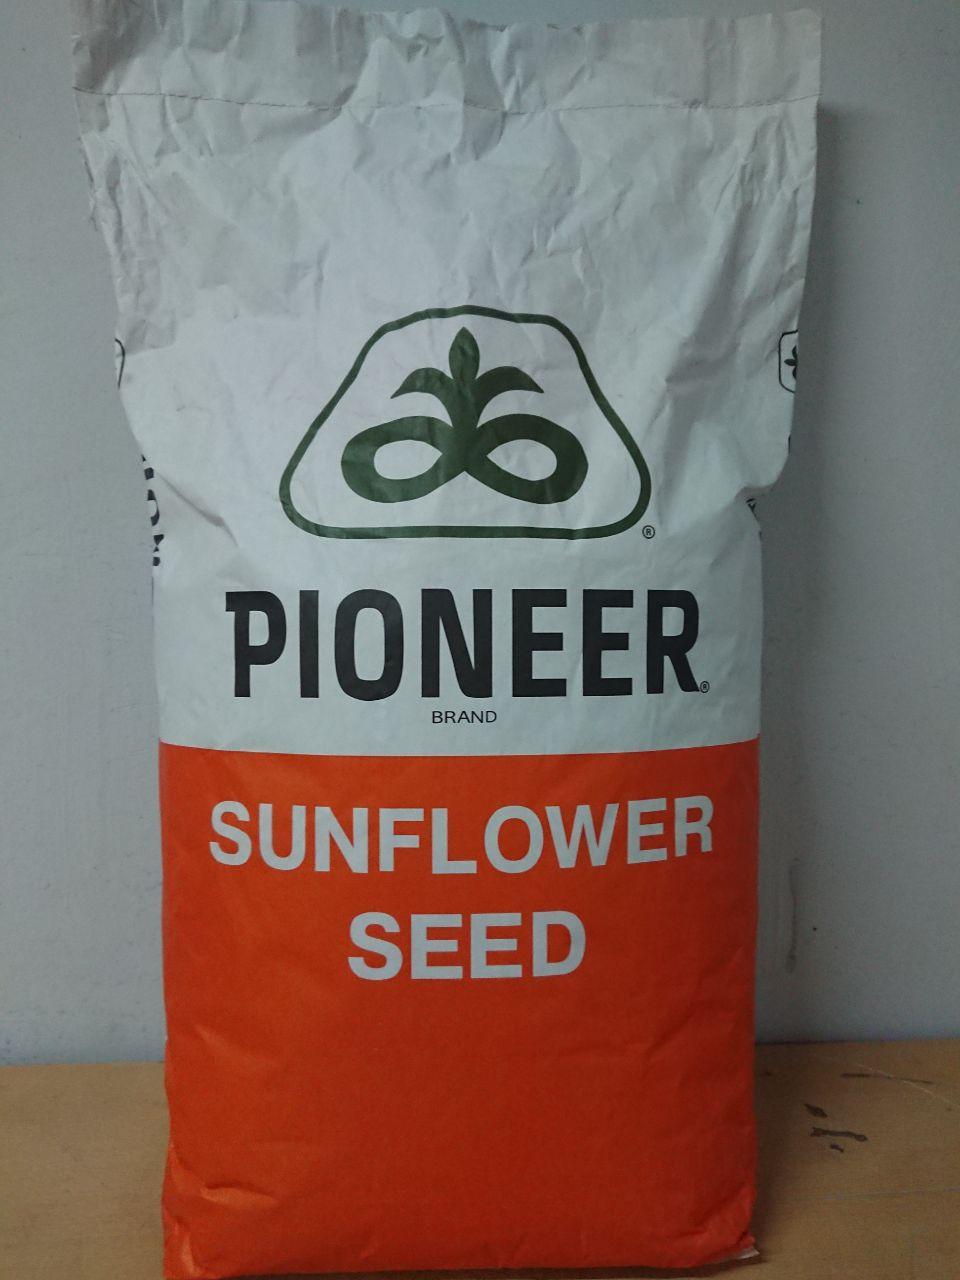 Піонер P62LE122 насіння соняшнику під гранстар (Pioneer) DuPon